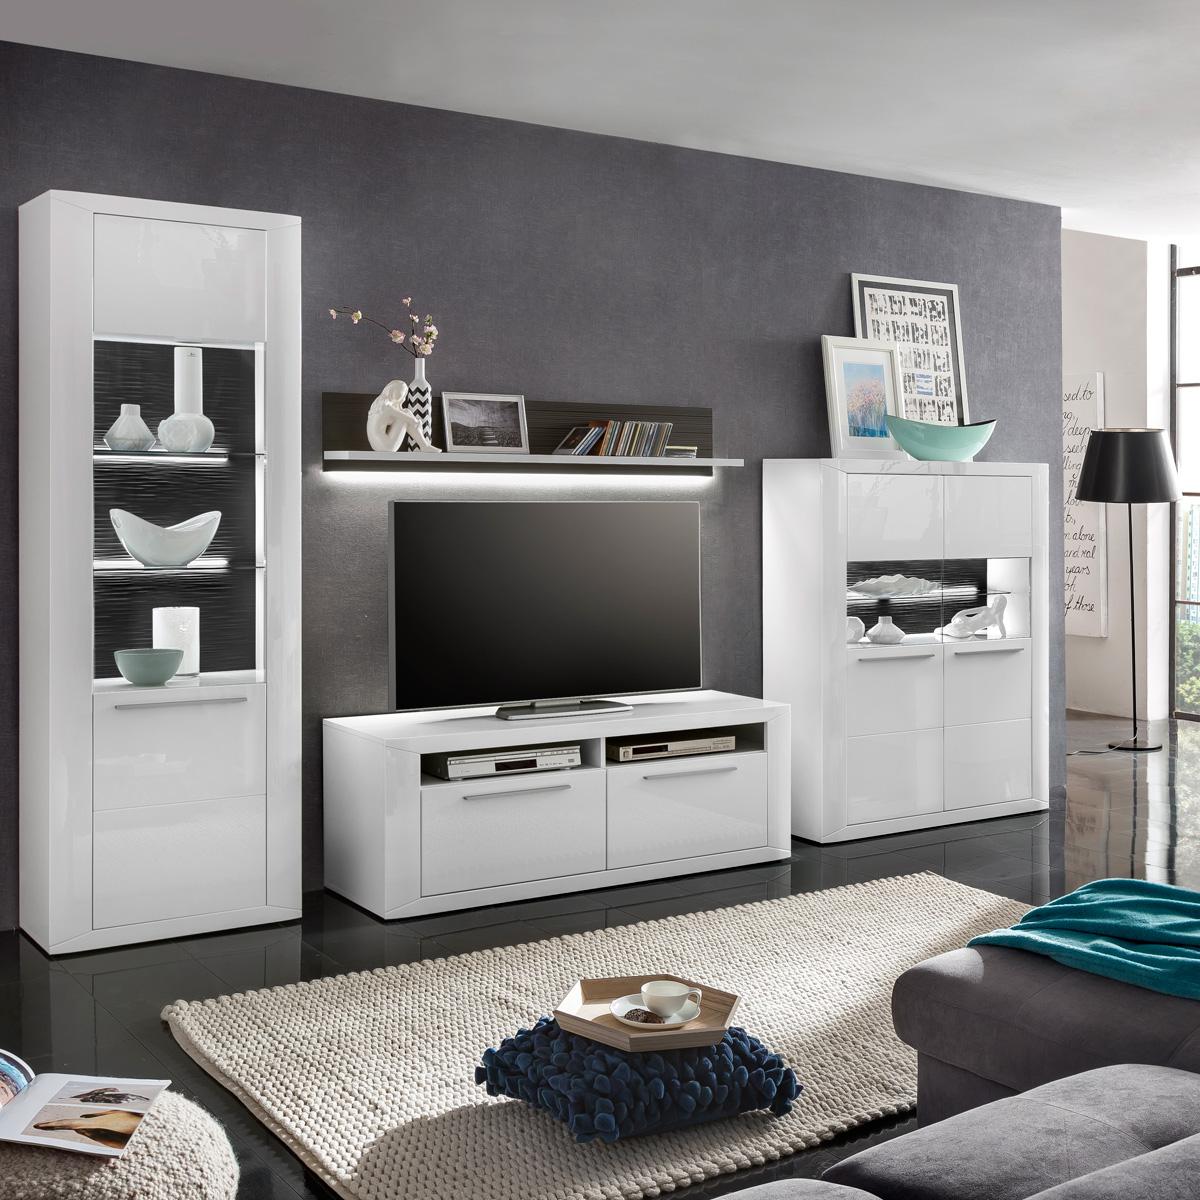 Wohnwand weiß grau hochglanz  Wohnwand Padua Anbauwand Wohnkombi in weiß Hochglanz und grau